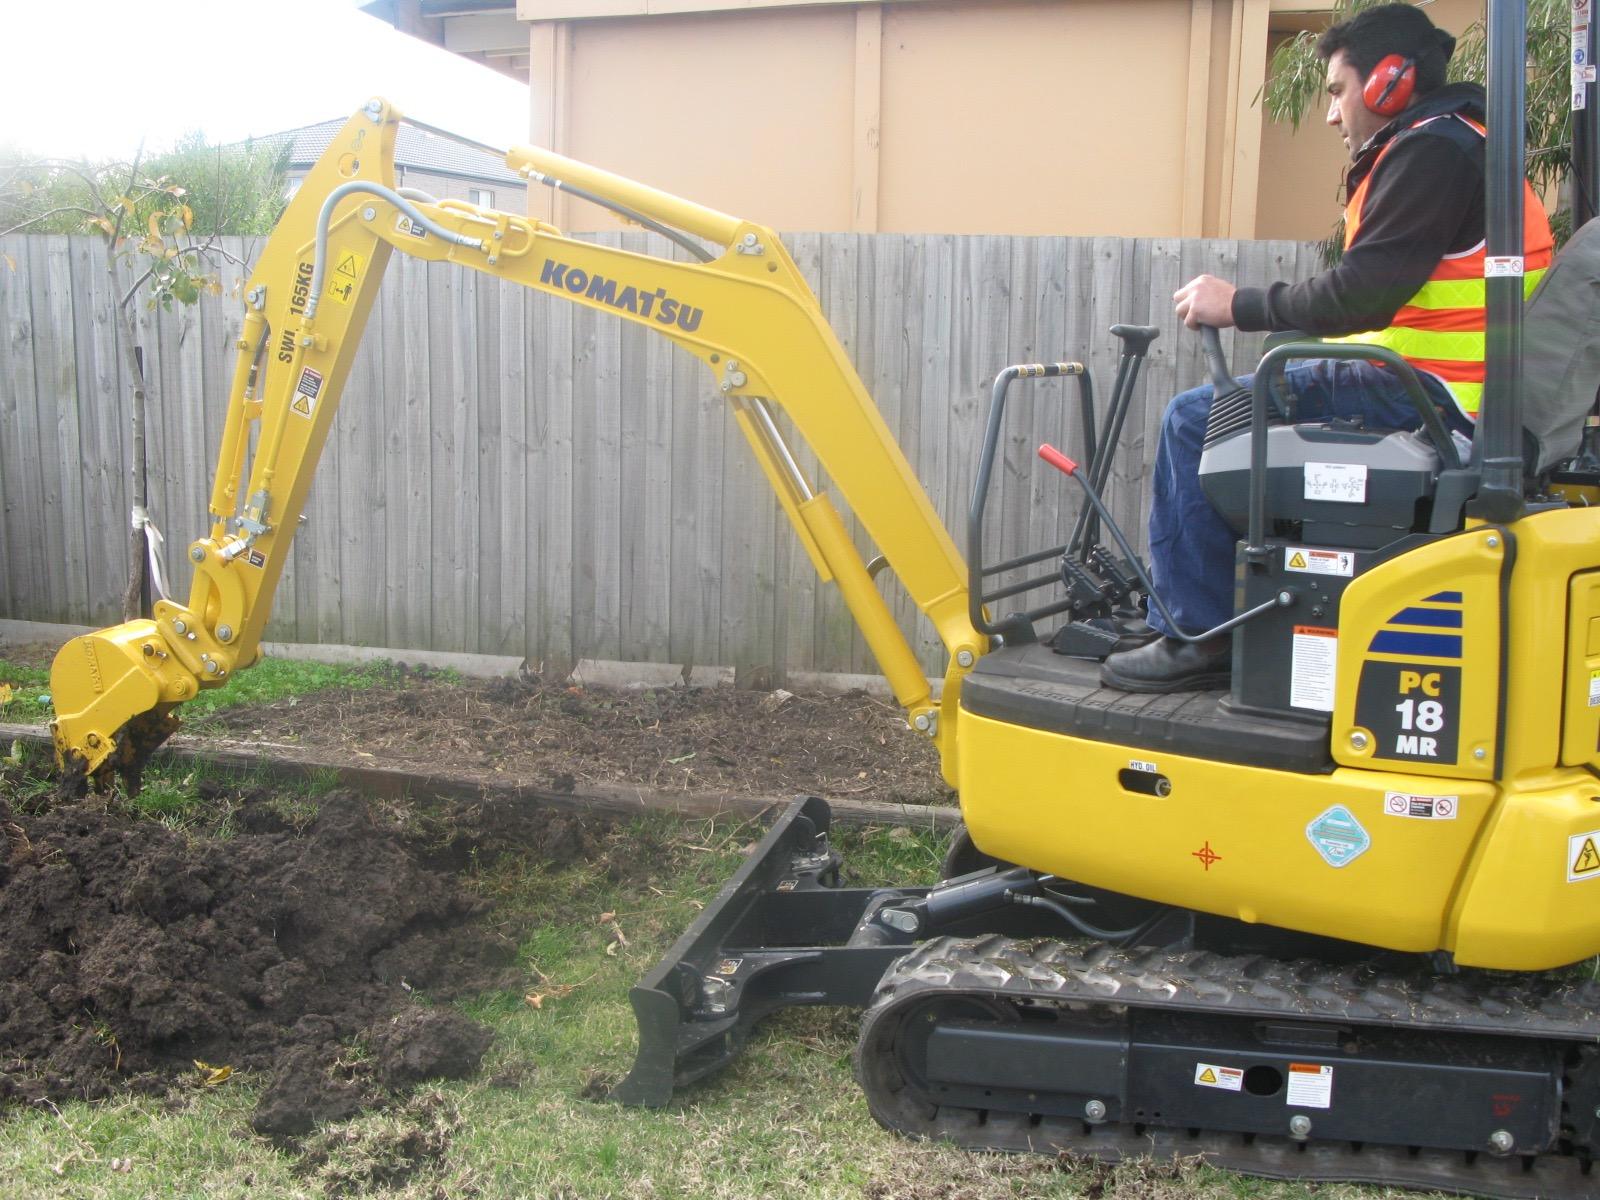 Anima Mia Excavator 2